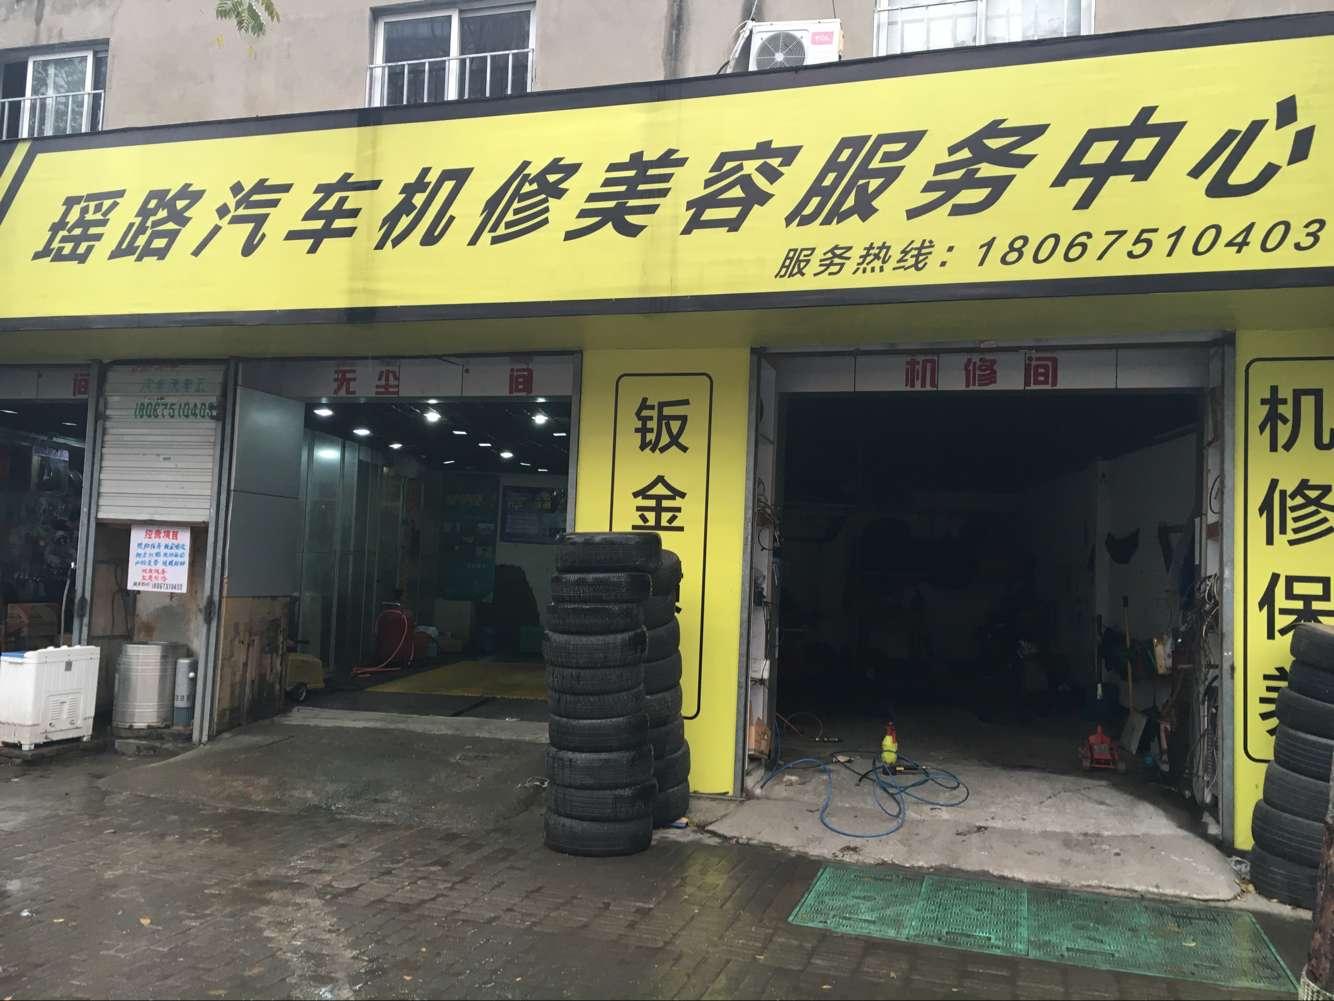 江东瑶路汽车美容中心(宁波授权服务点)